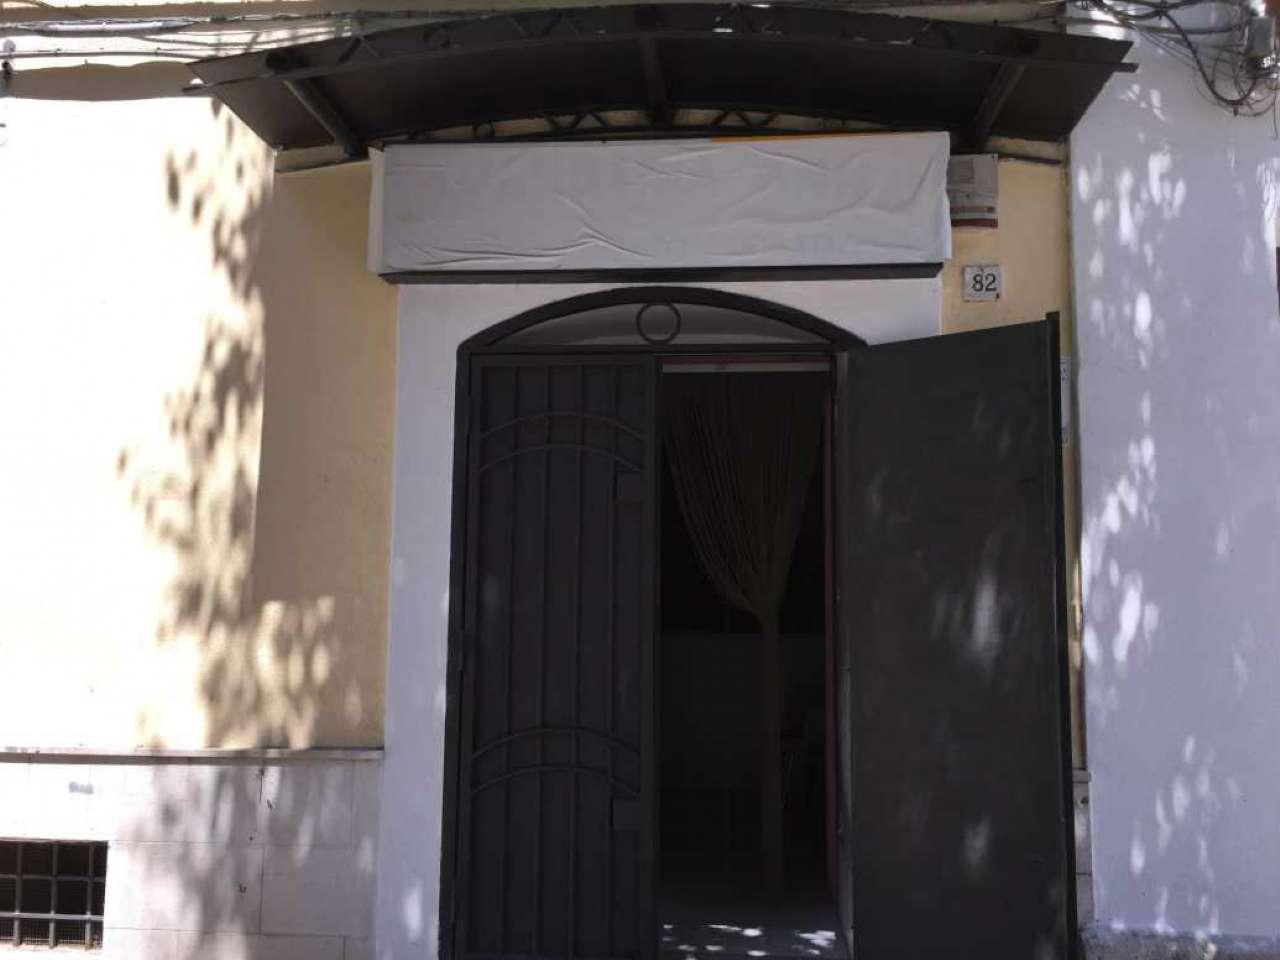 Negozio / Locale in vendita a Foggia, 3 locali, prezzo € 65.000 | CambioCasa.it